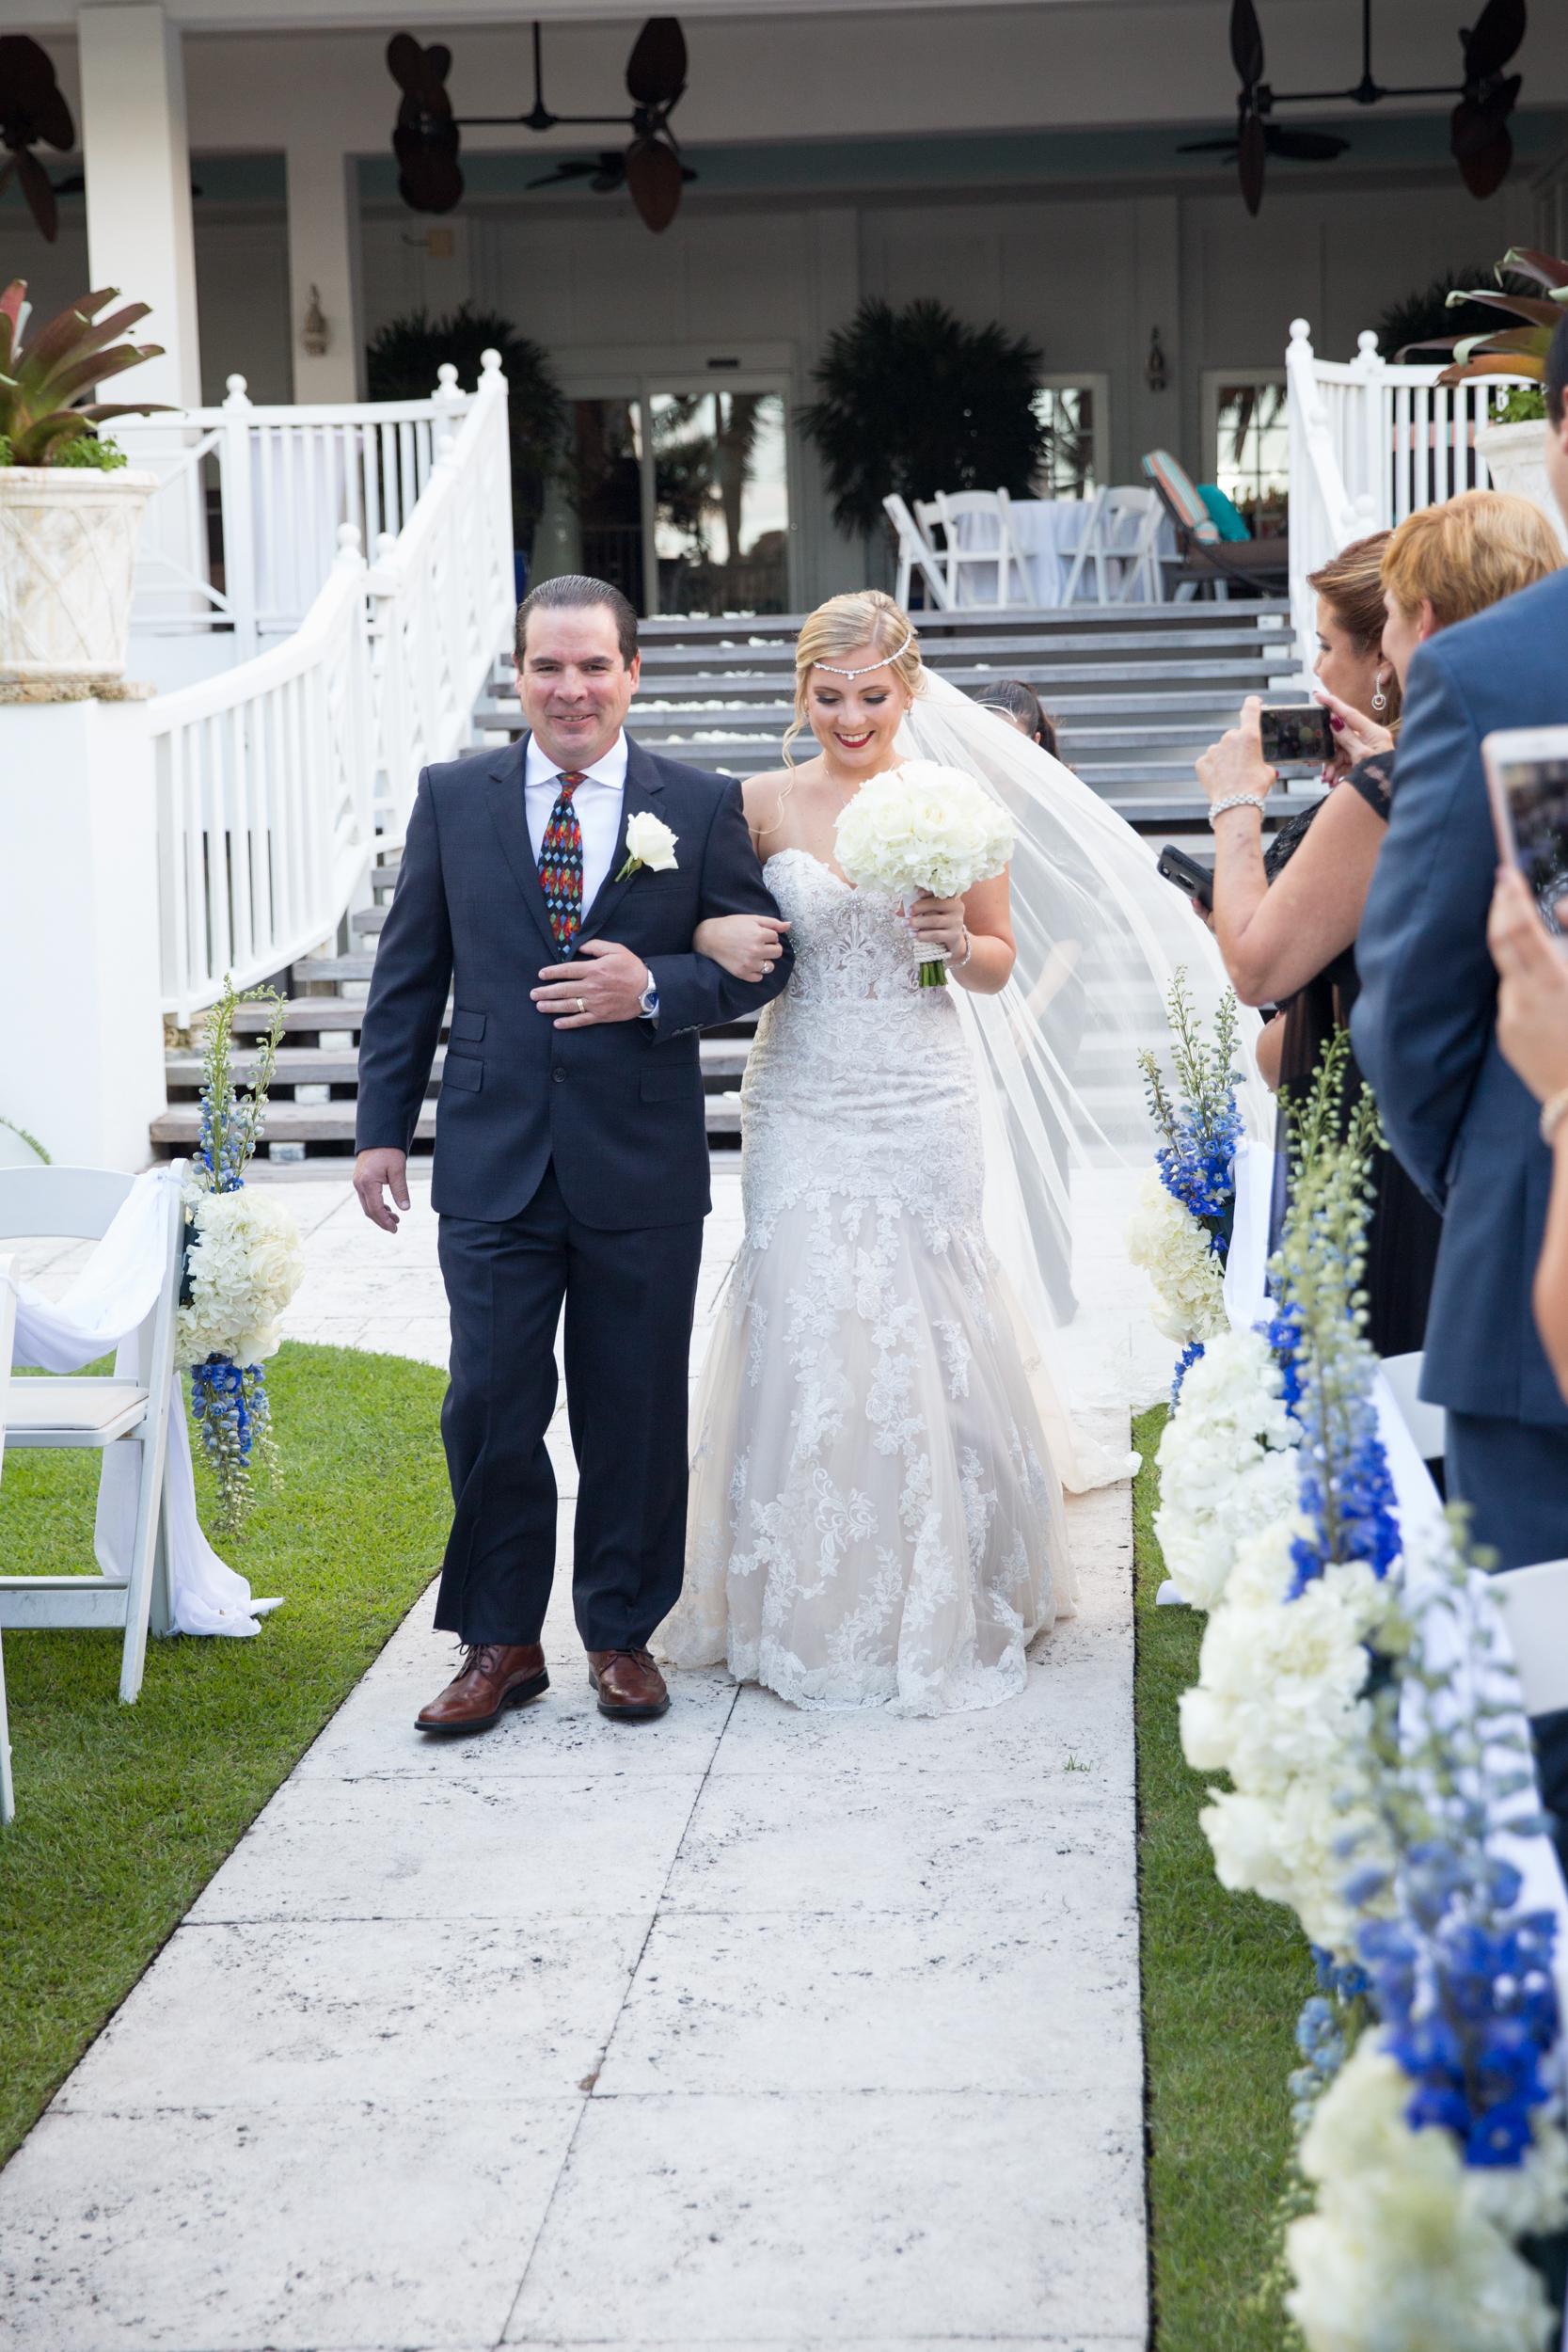 10-14-17_AshleyRichard_Wedding-59.jpg